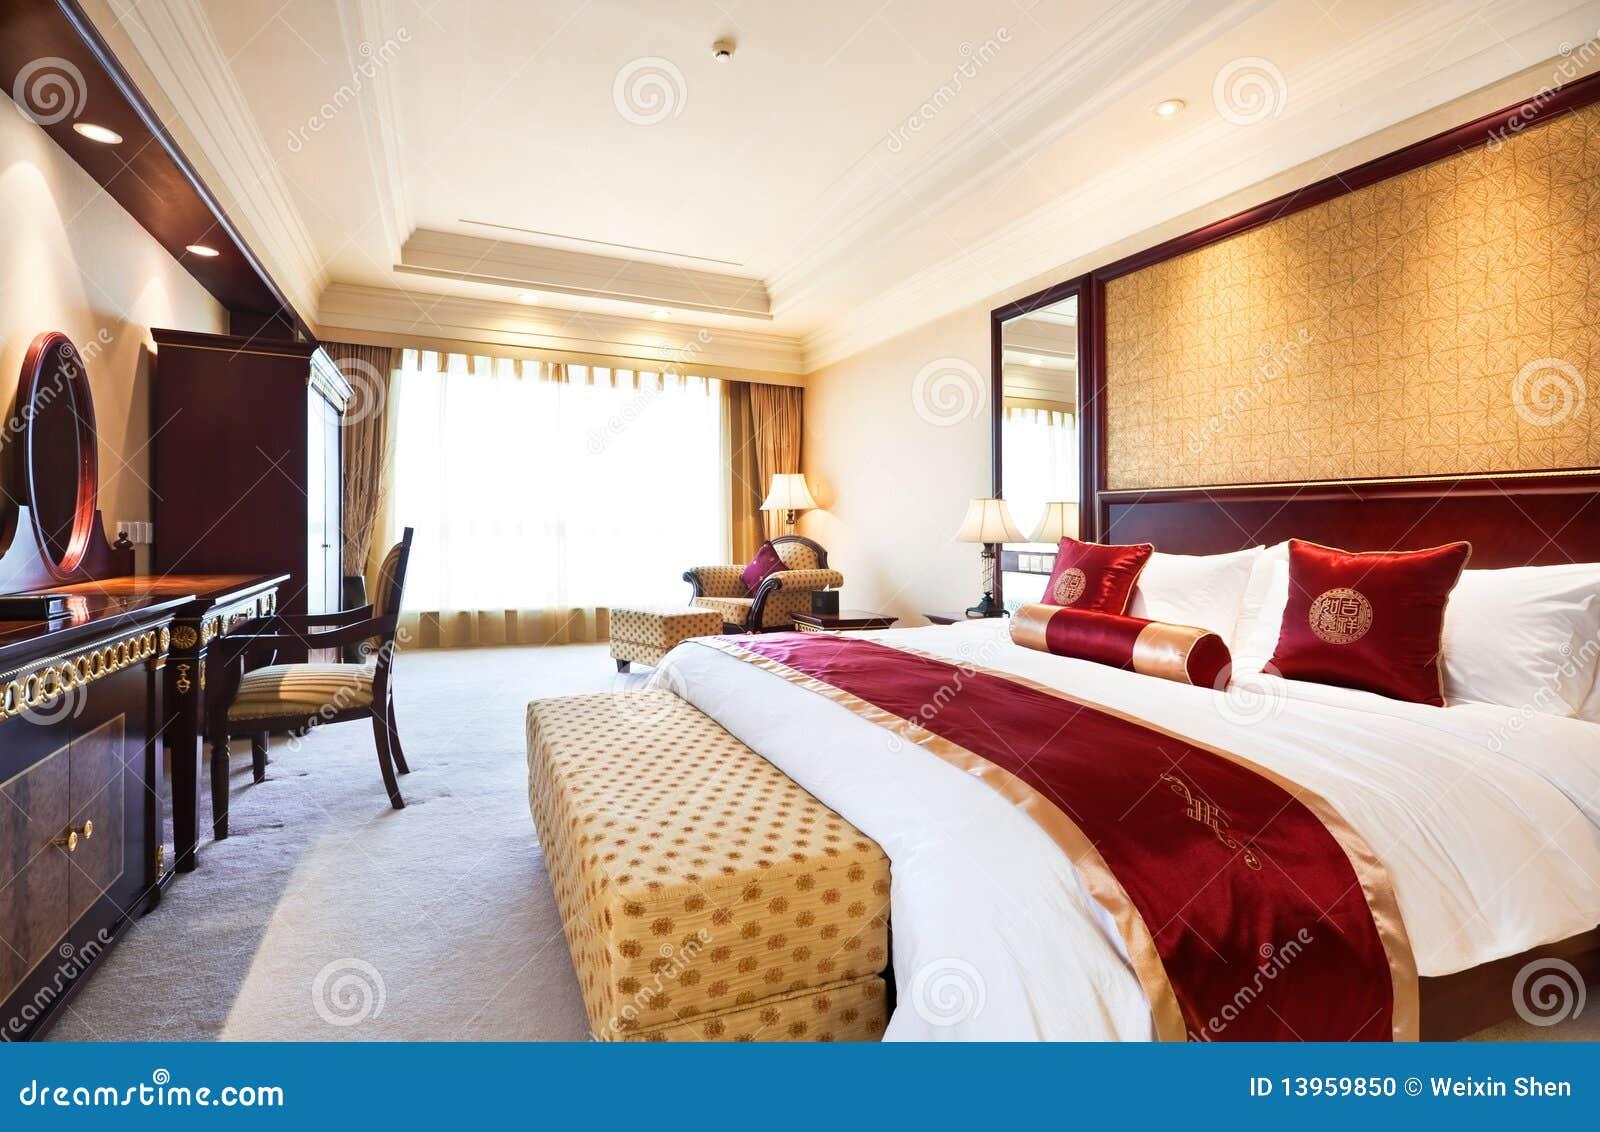 Camera da letto della serie di lusso in hotel fotografia - Camere da letto lusso ...